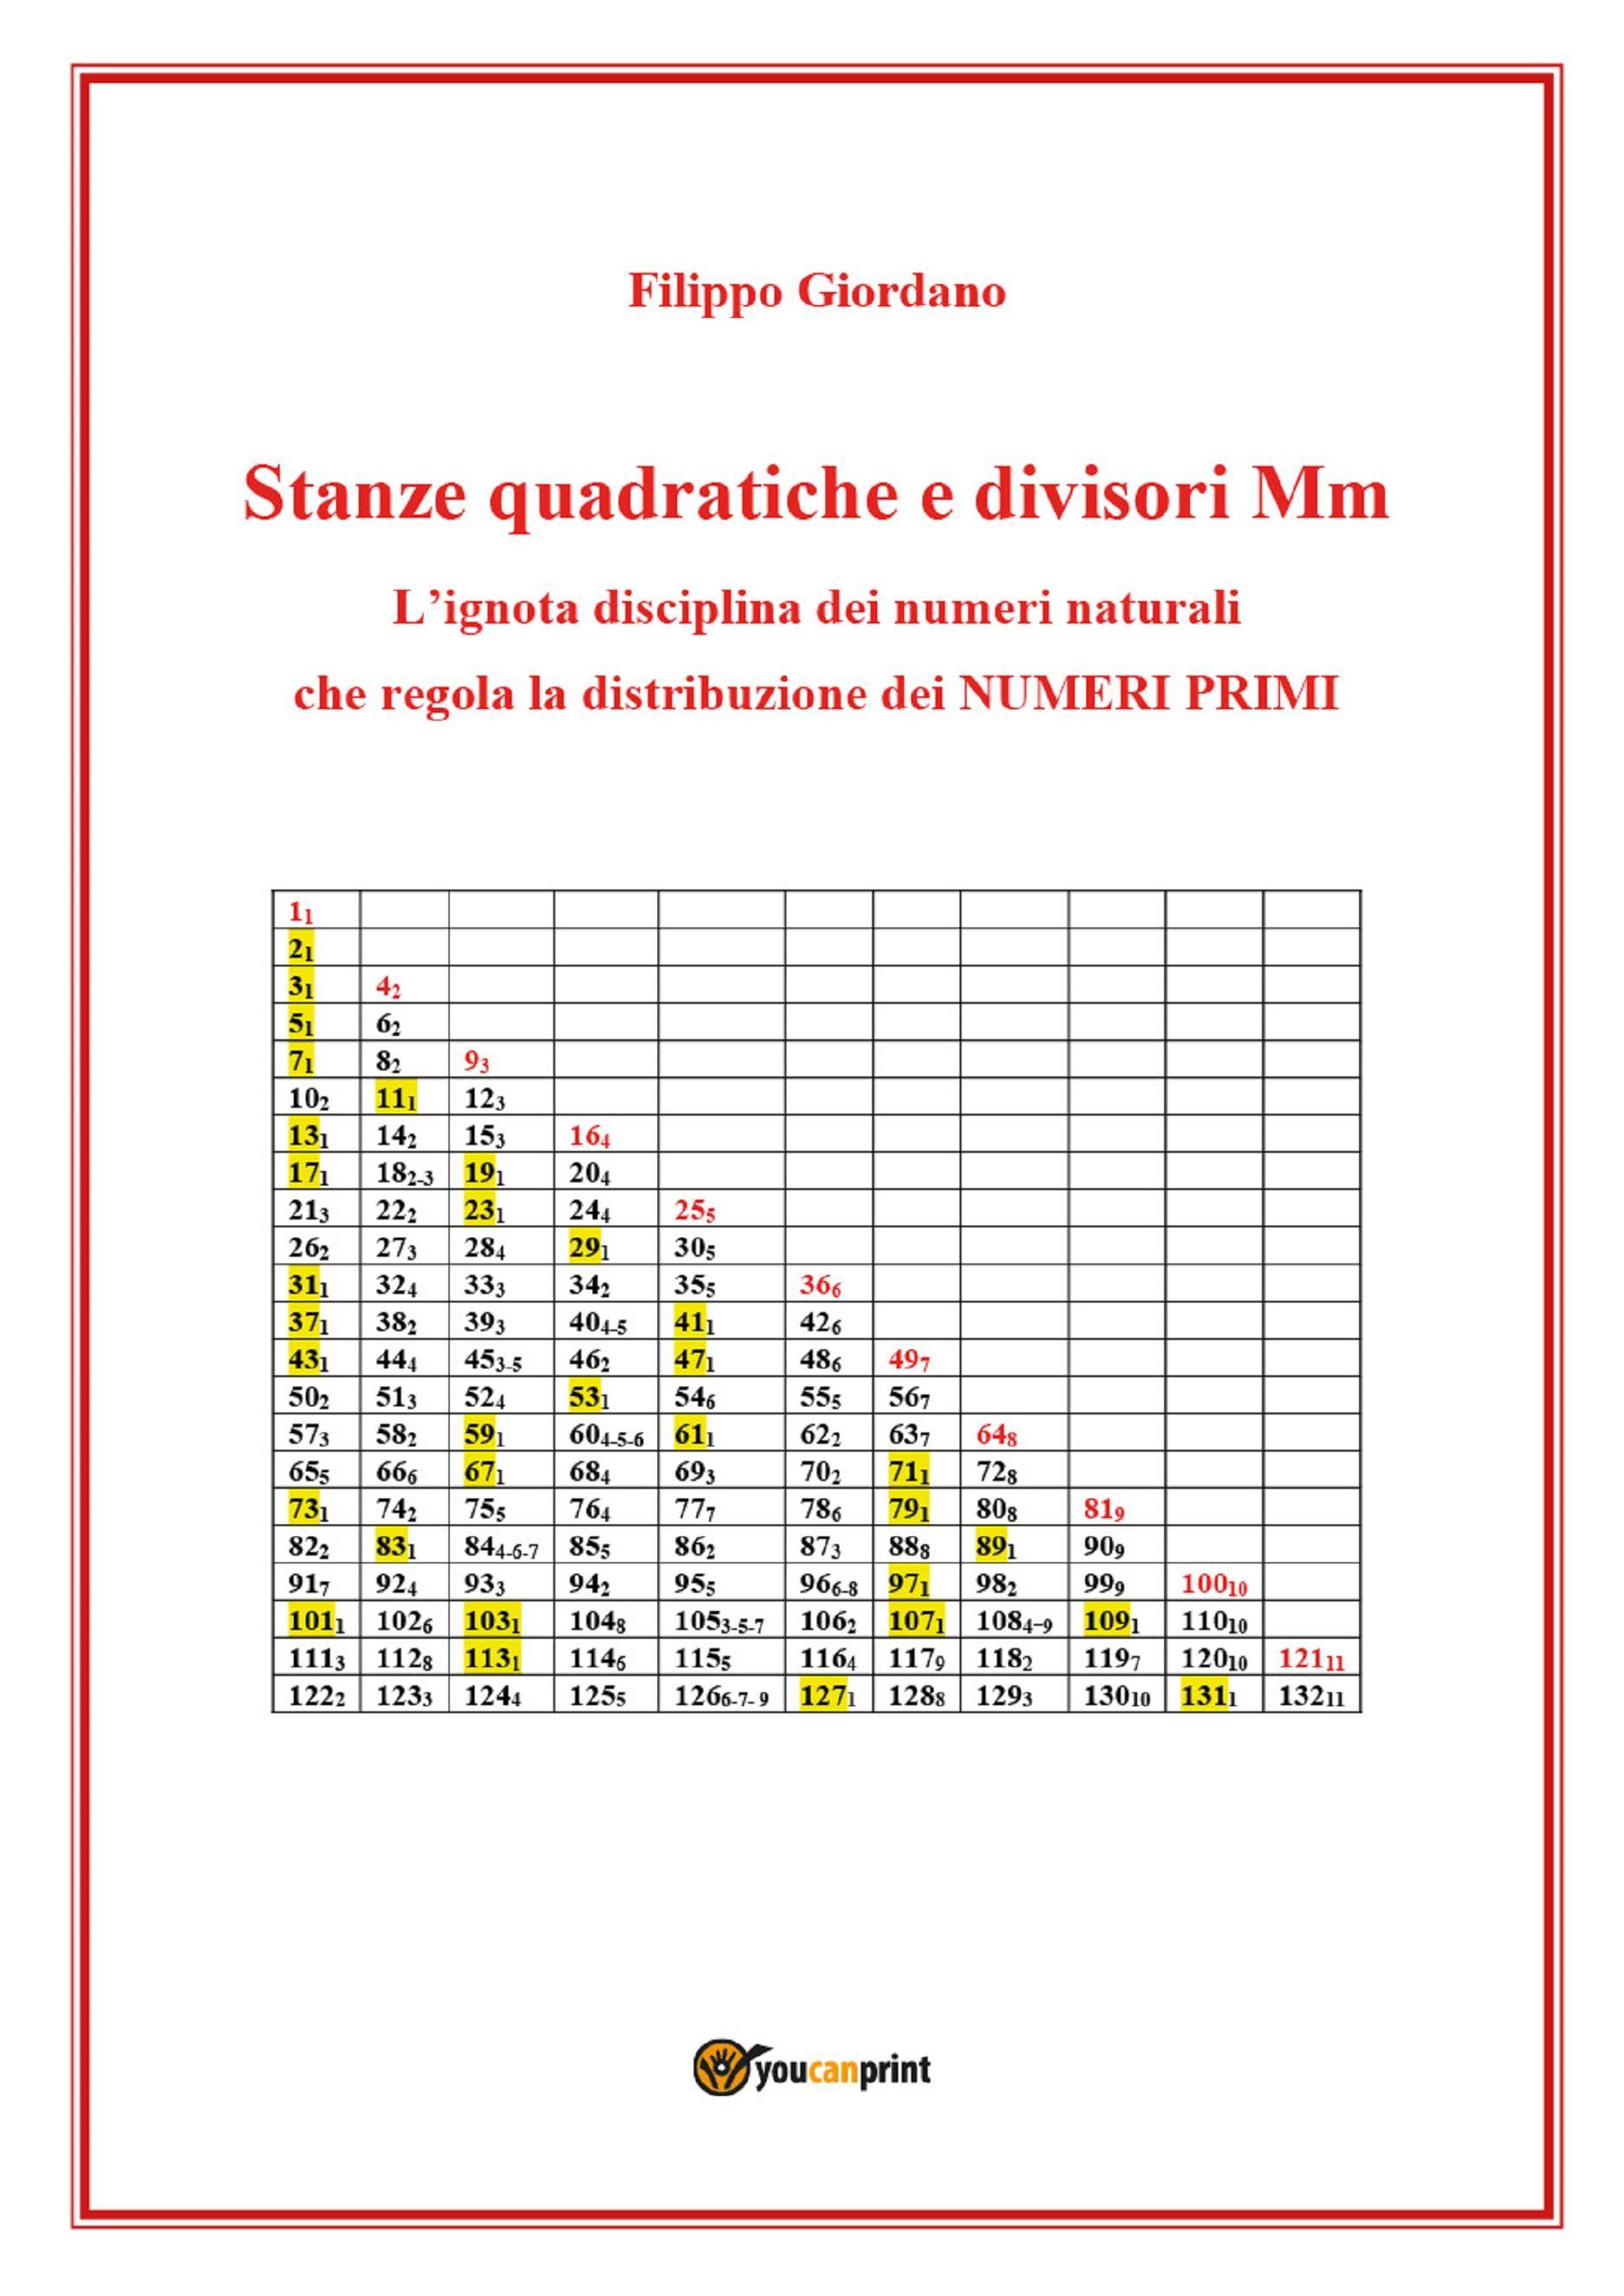 Stanze quadratiche e divisori Mm, la disciplina dei numeri naturali che regola la  distribuzione dei numeri primi